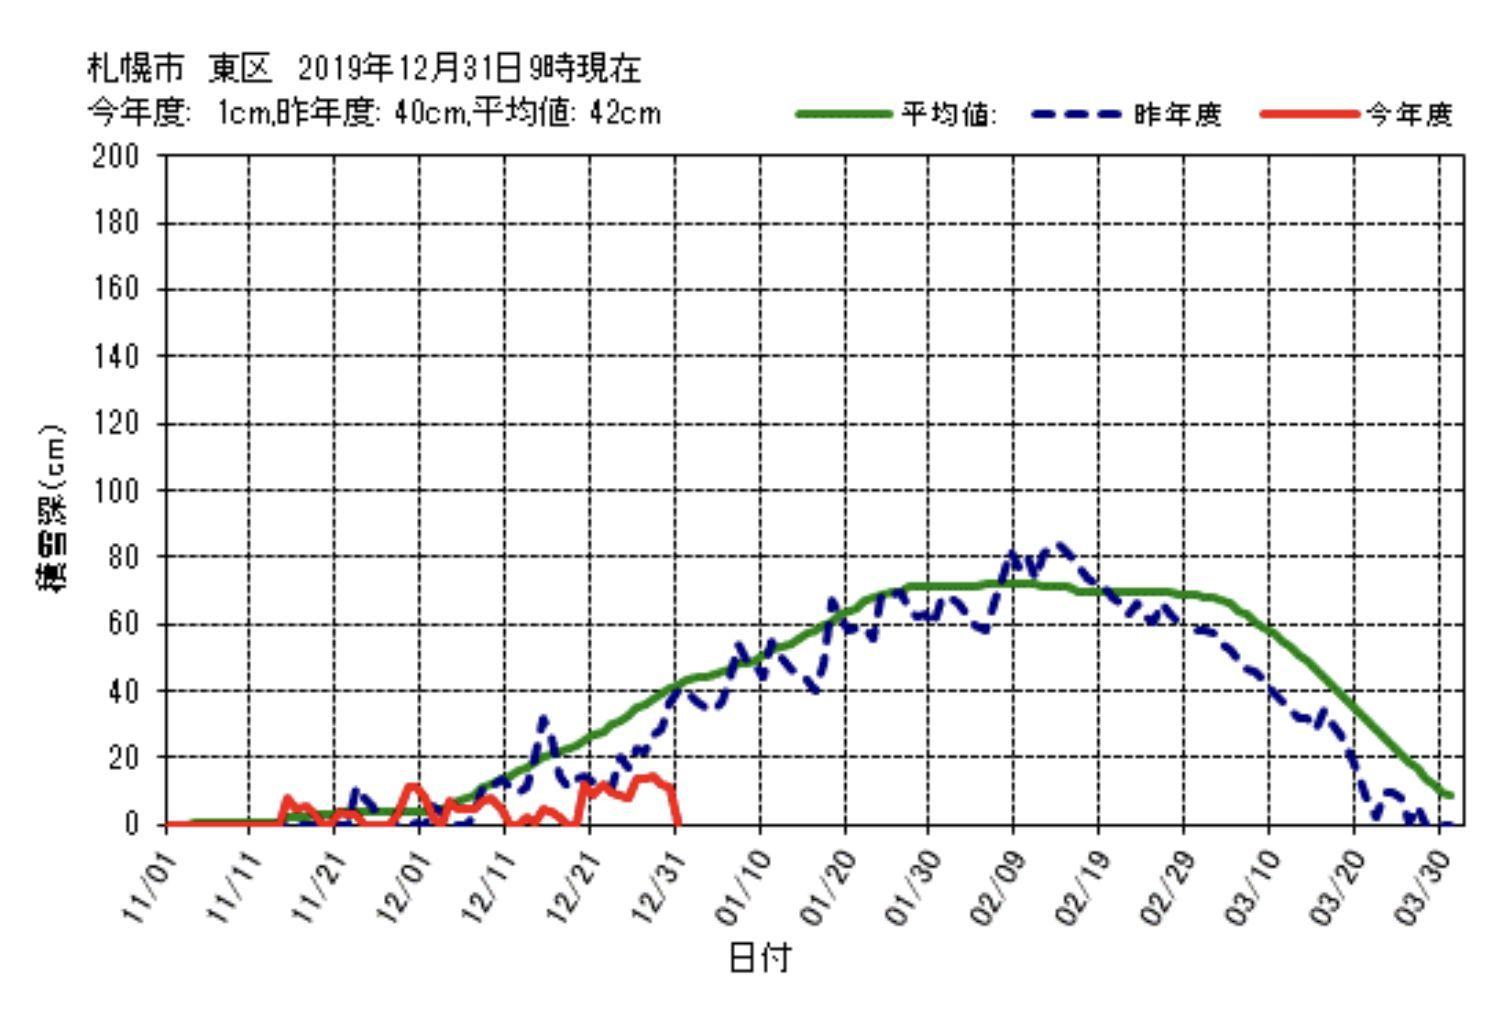 なんとか積雪ゼロのまま年を越さずにすみそうです_c0025115_23190857.jpg